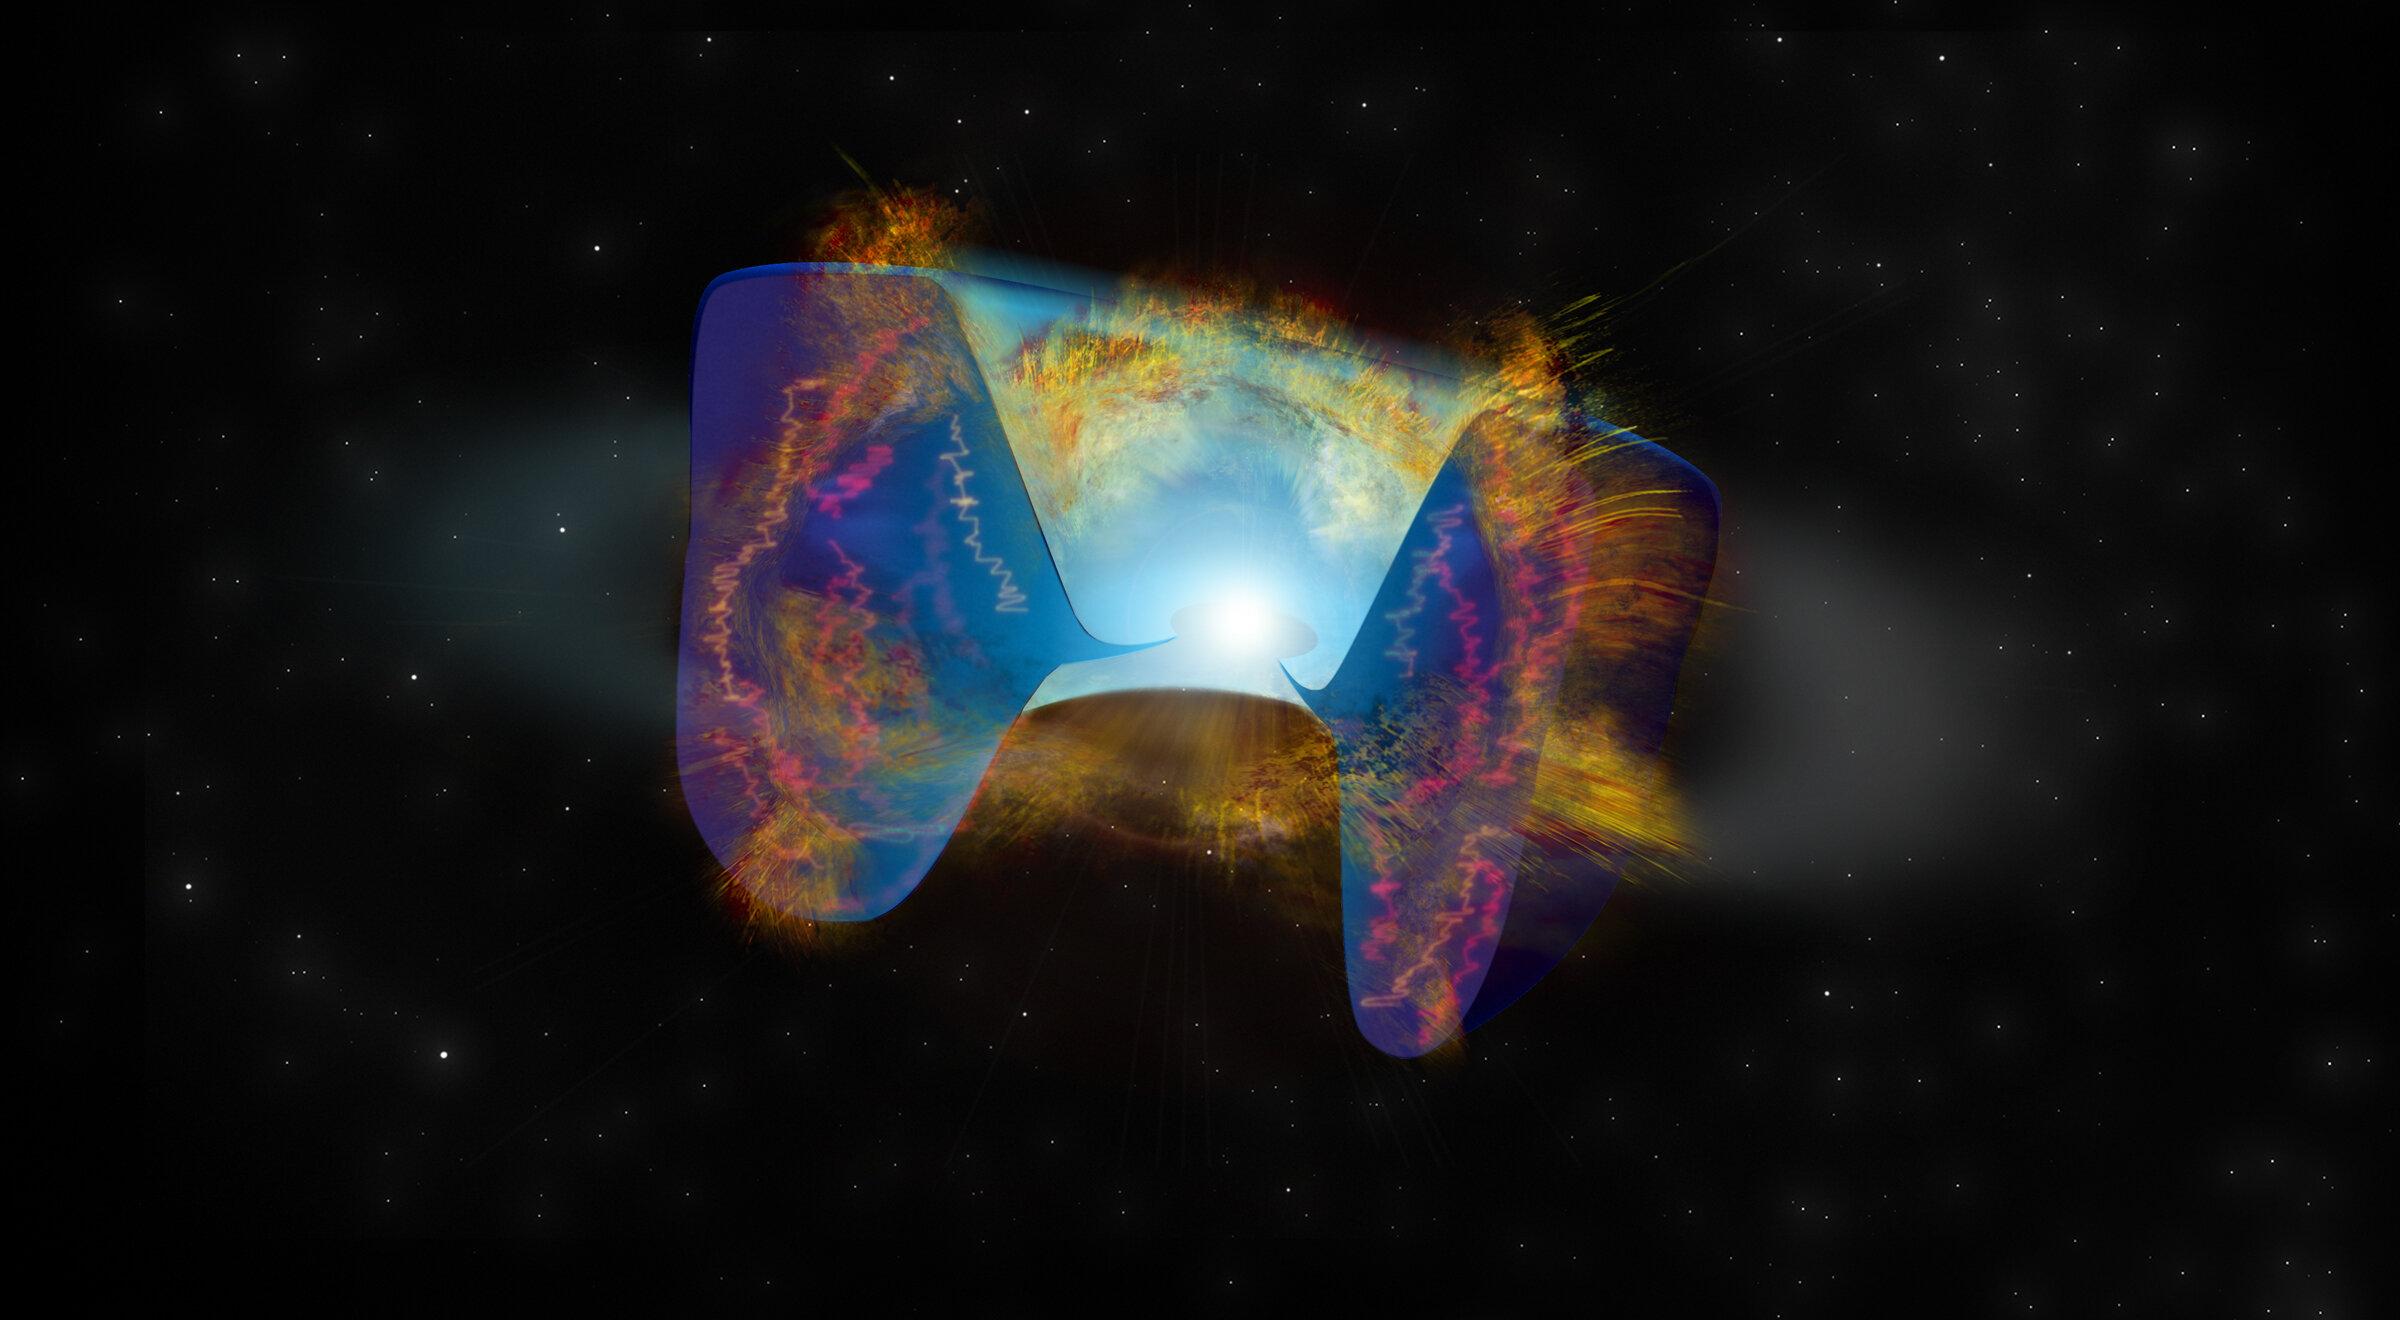 """Materiál supernovy naráží na """"kouřovou stopu"""" nahlodané hvězdy a vytvářejí rádiové záření. Kredit: Bill Saxton, NRAO/AUI/NSF."""